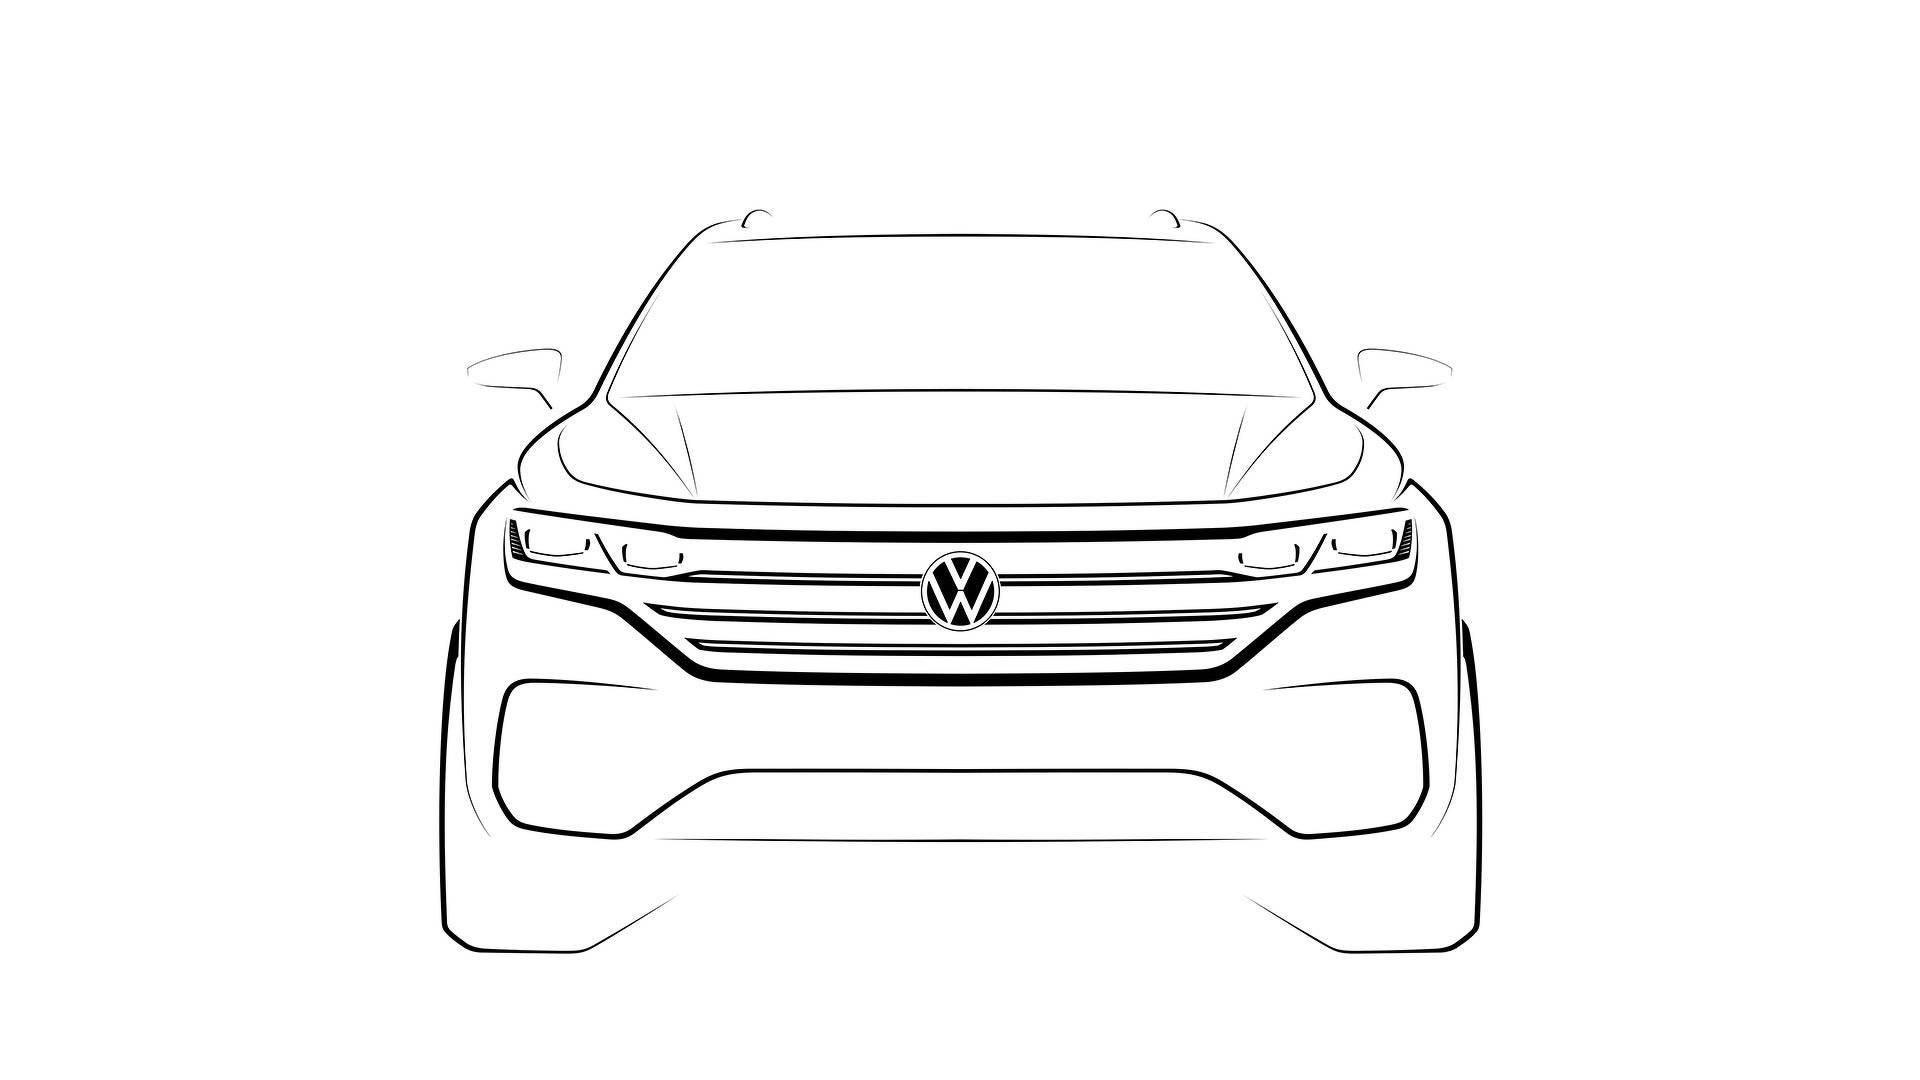 Oficial: así es la silueta del nuevo Volkswagen Touareg, puro músculo